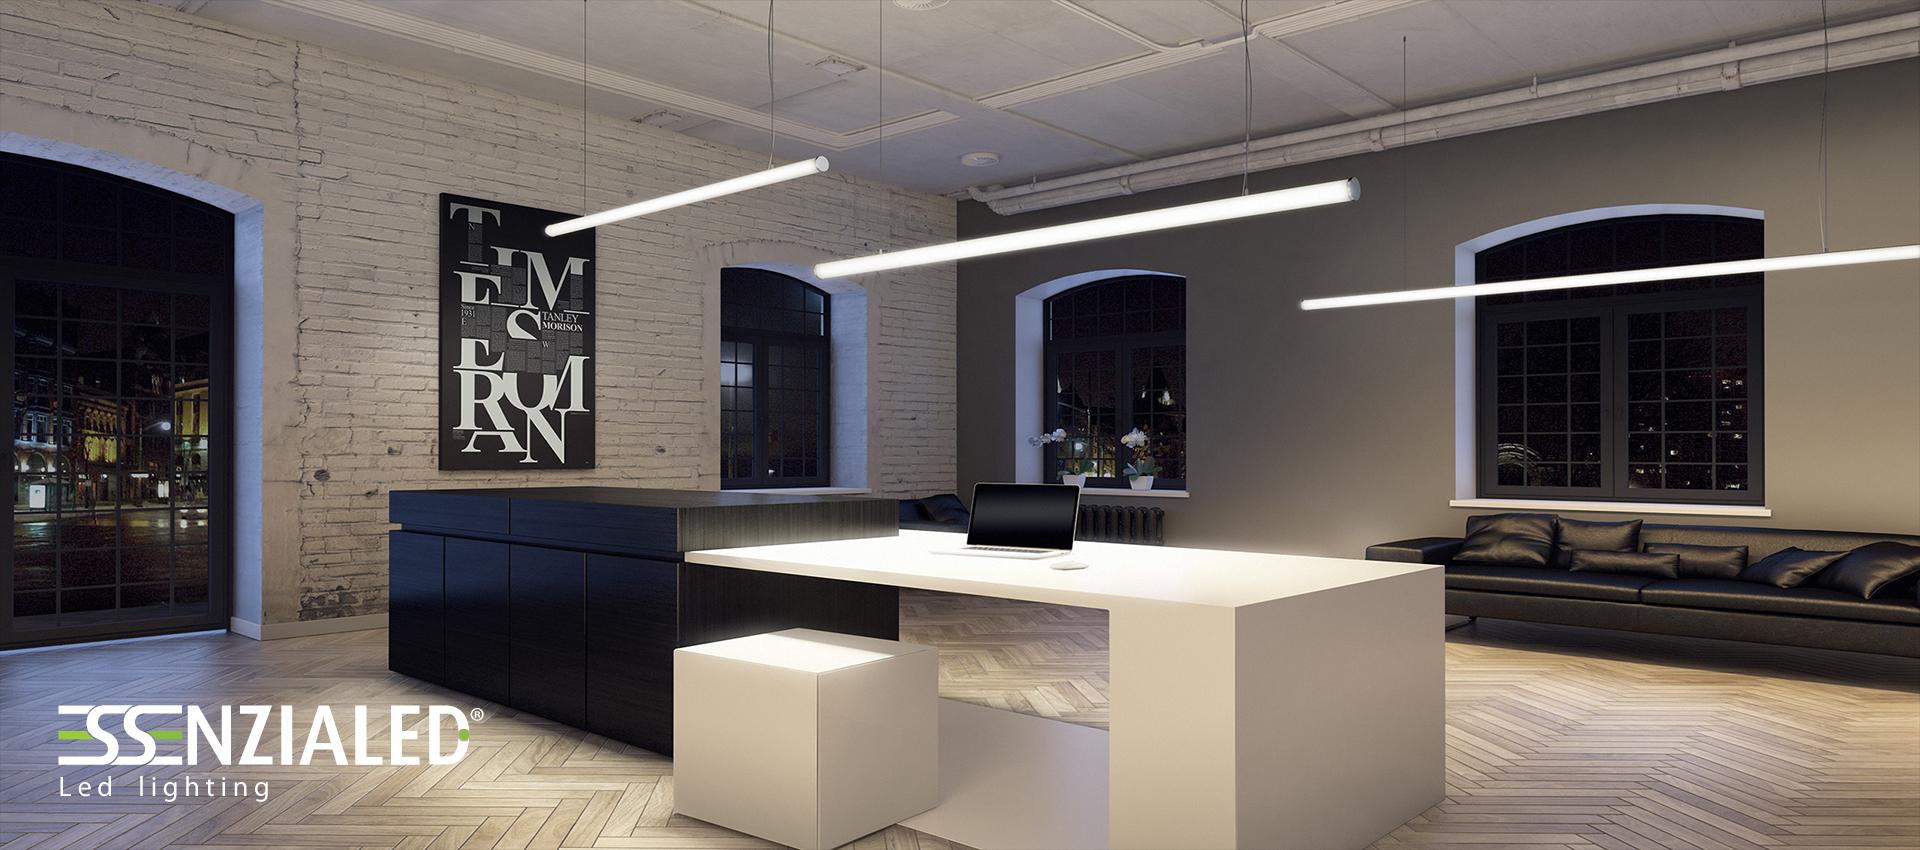 Illuminazione Neon Per Ufficio.Tube 6 0 Tubo Led Sospensione Tutta Luceessenzialed